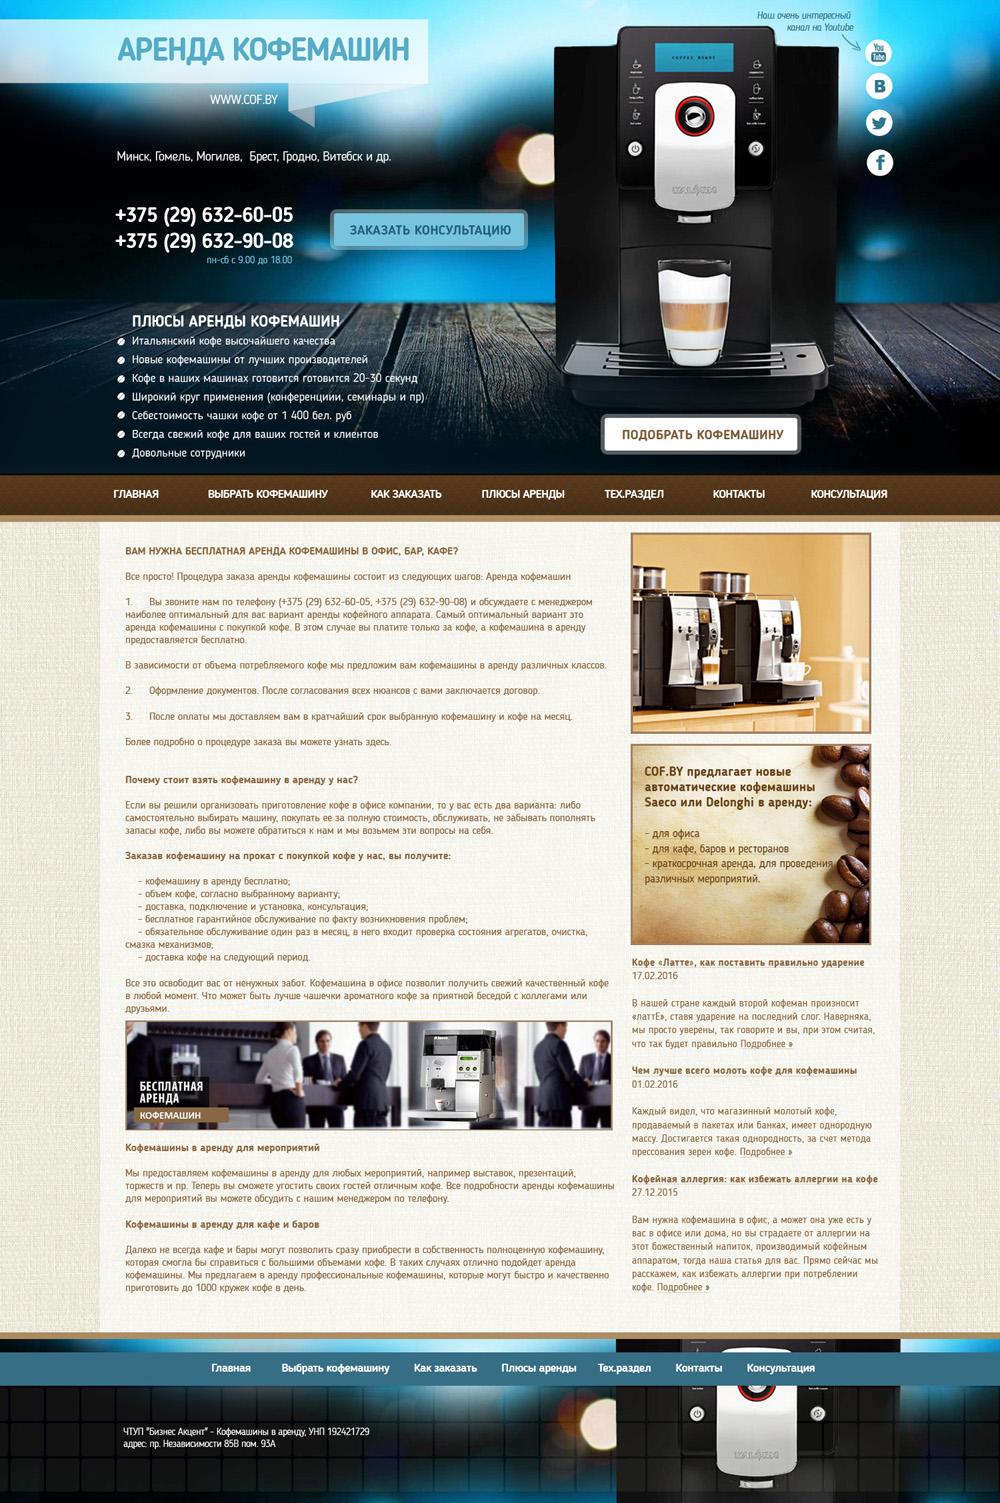 Создание сайтов в рассрочку беларусь хостинг картинок живого журнала